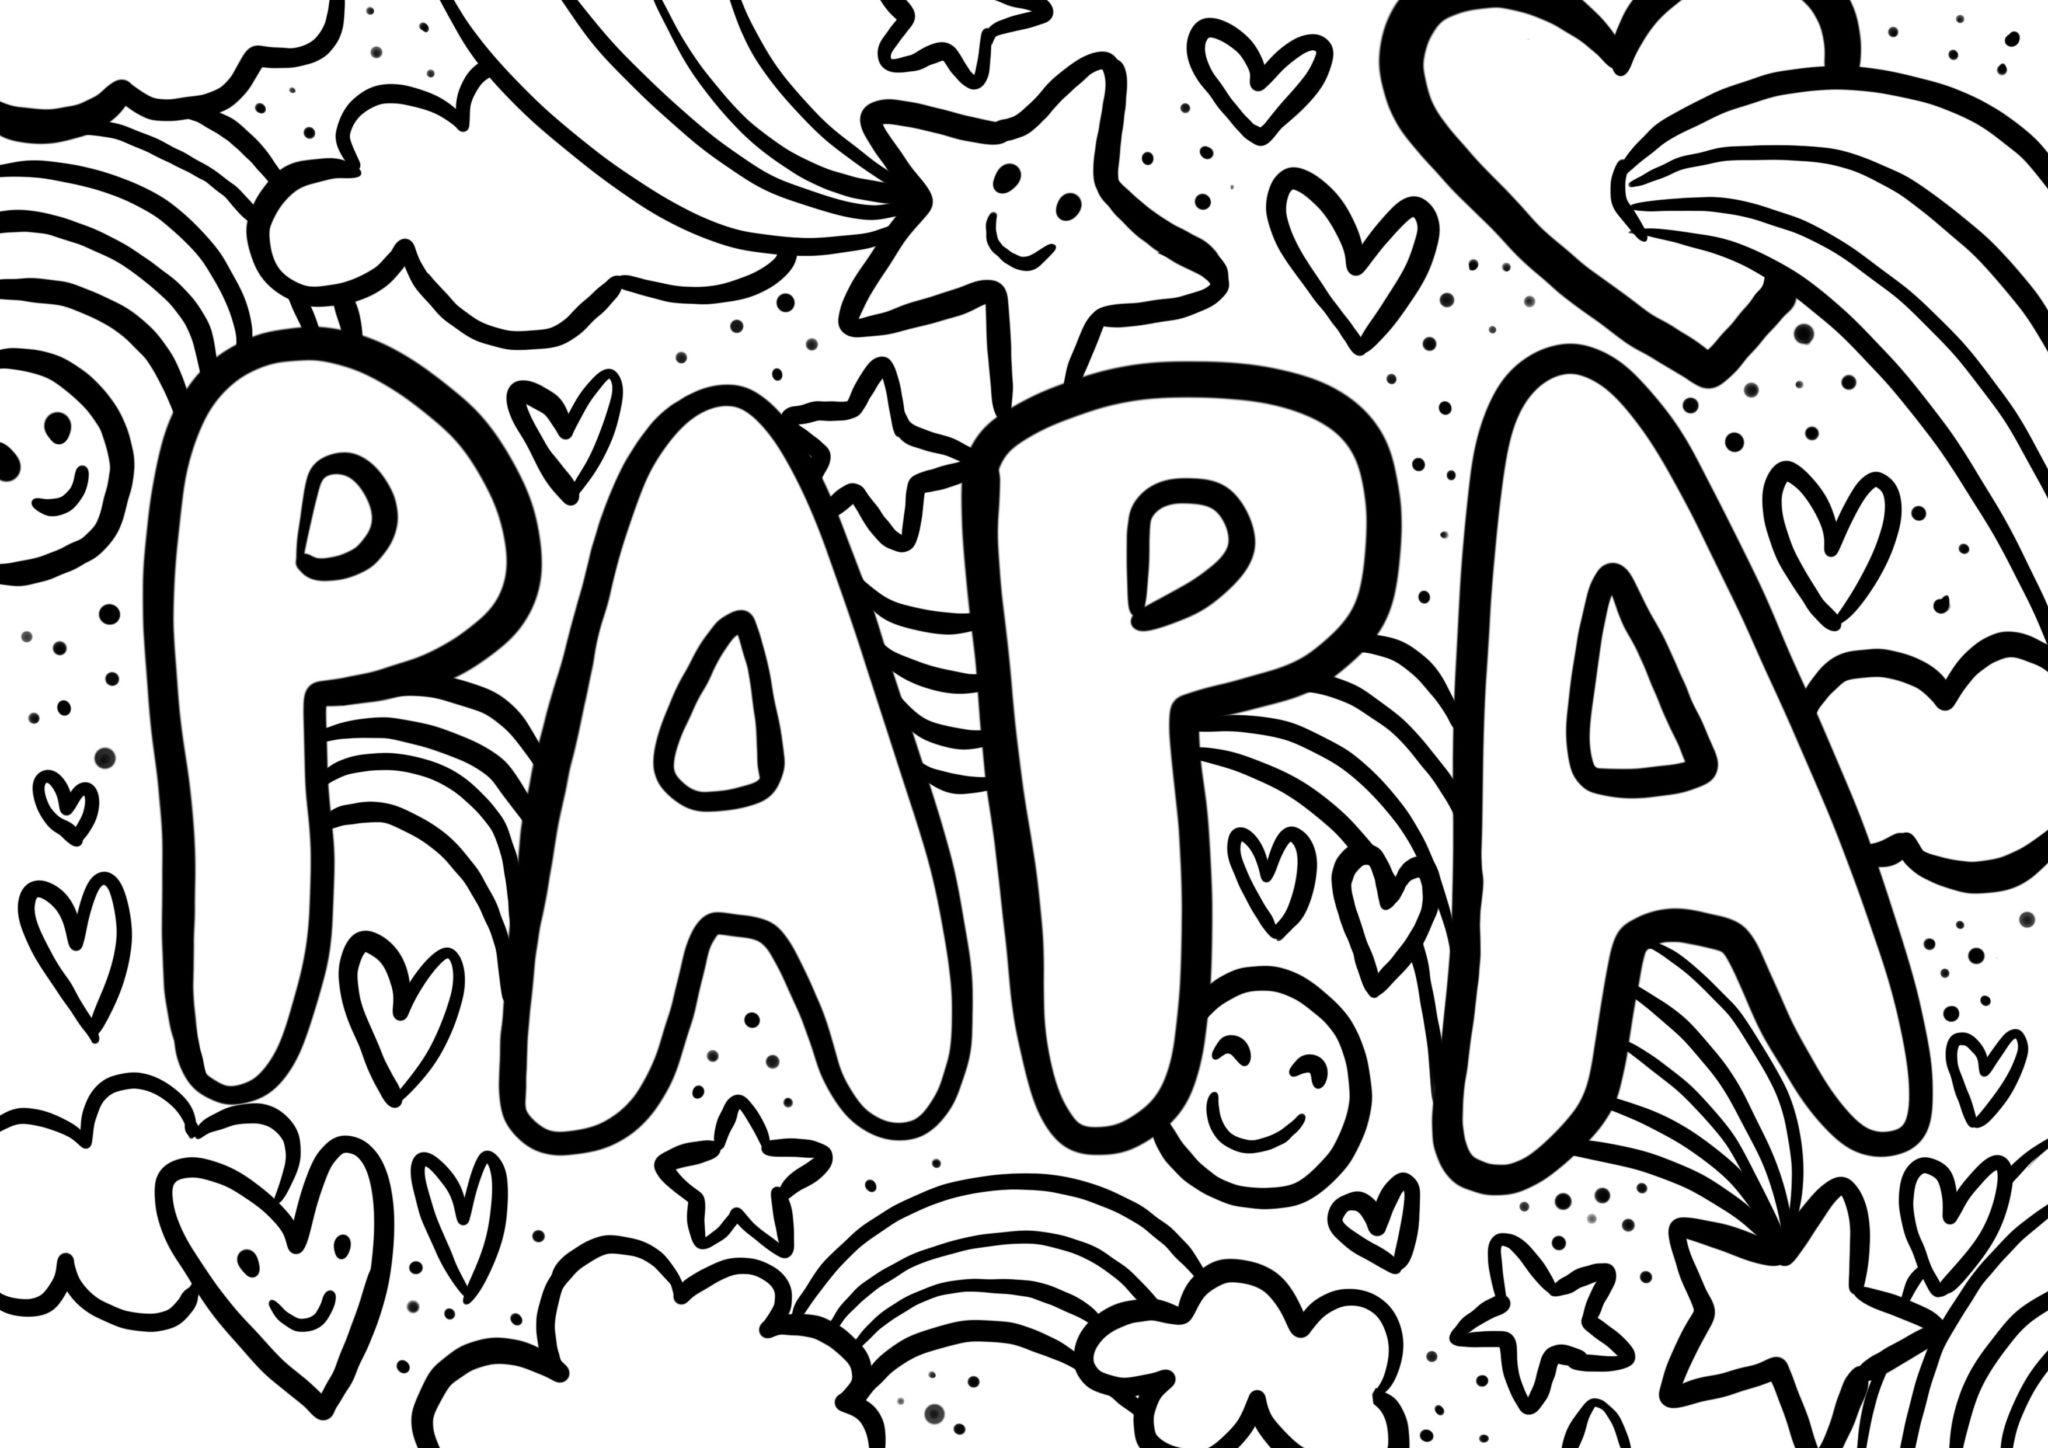 [Gratuit] 4 Coloriages Fête des Pères pour lui faire plaisir